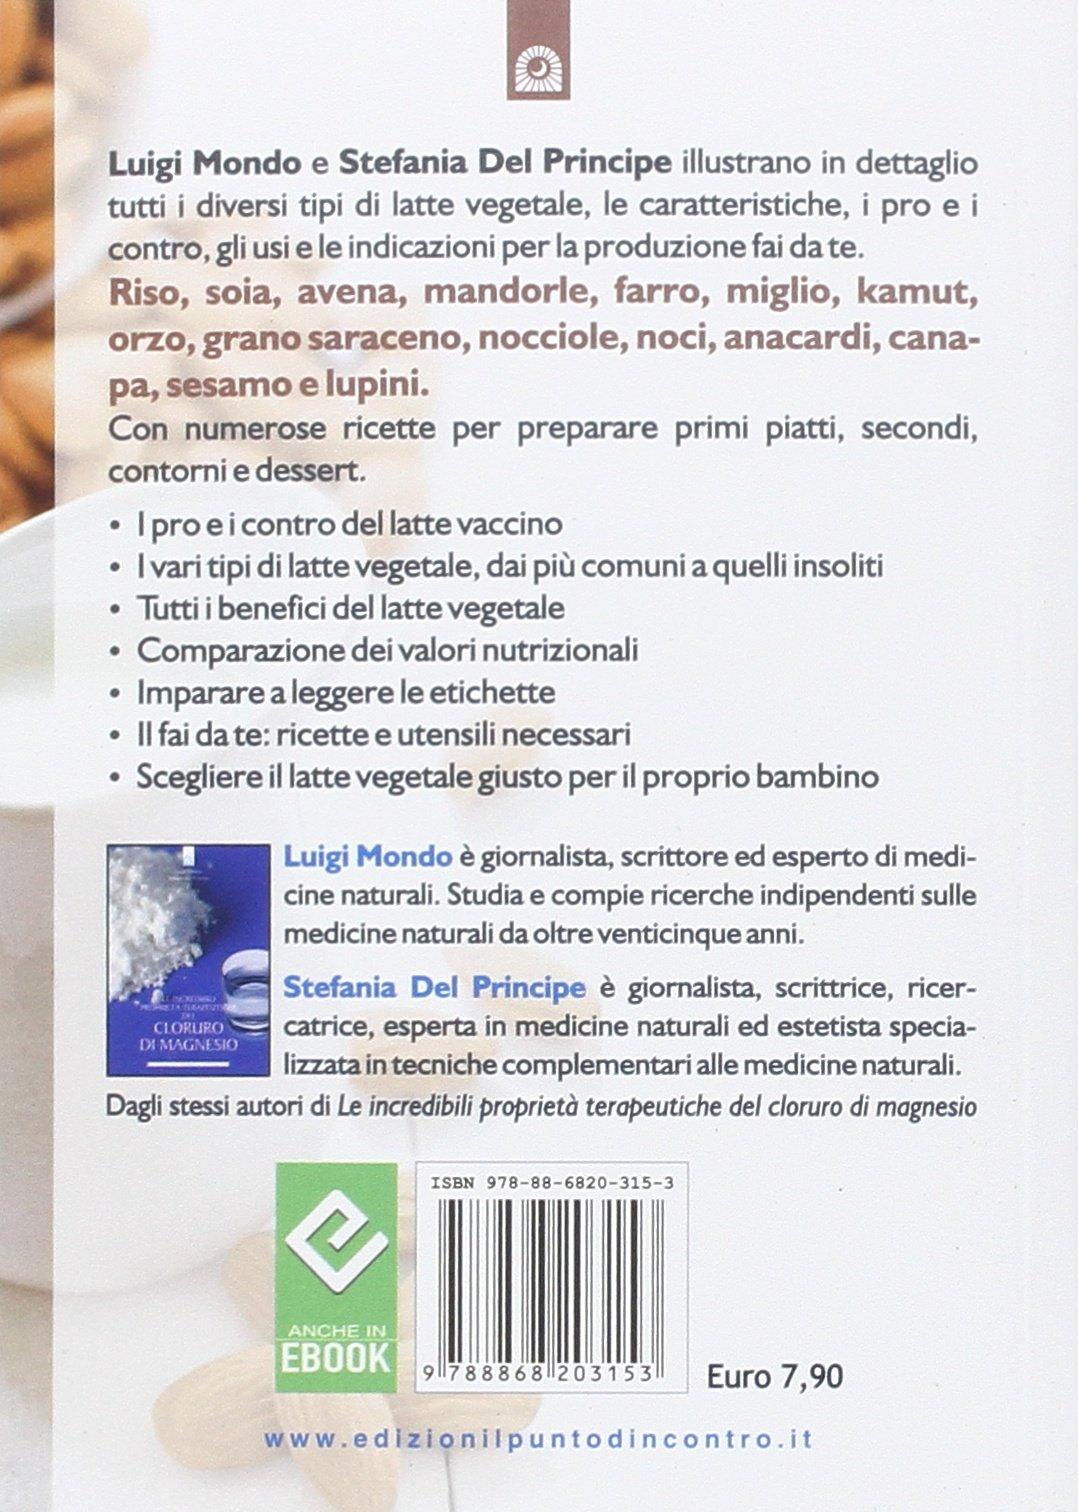 Tutti i tipi di latte vegetale. Valori nutrizionali, ricette e fai da te Salute e benessere: Amazon.es: Luigi Mondo, Stefania Del Principe: Libros en ...